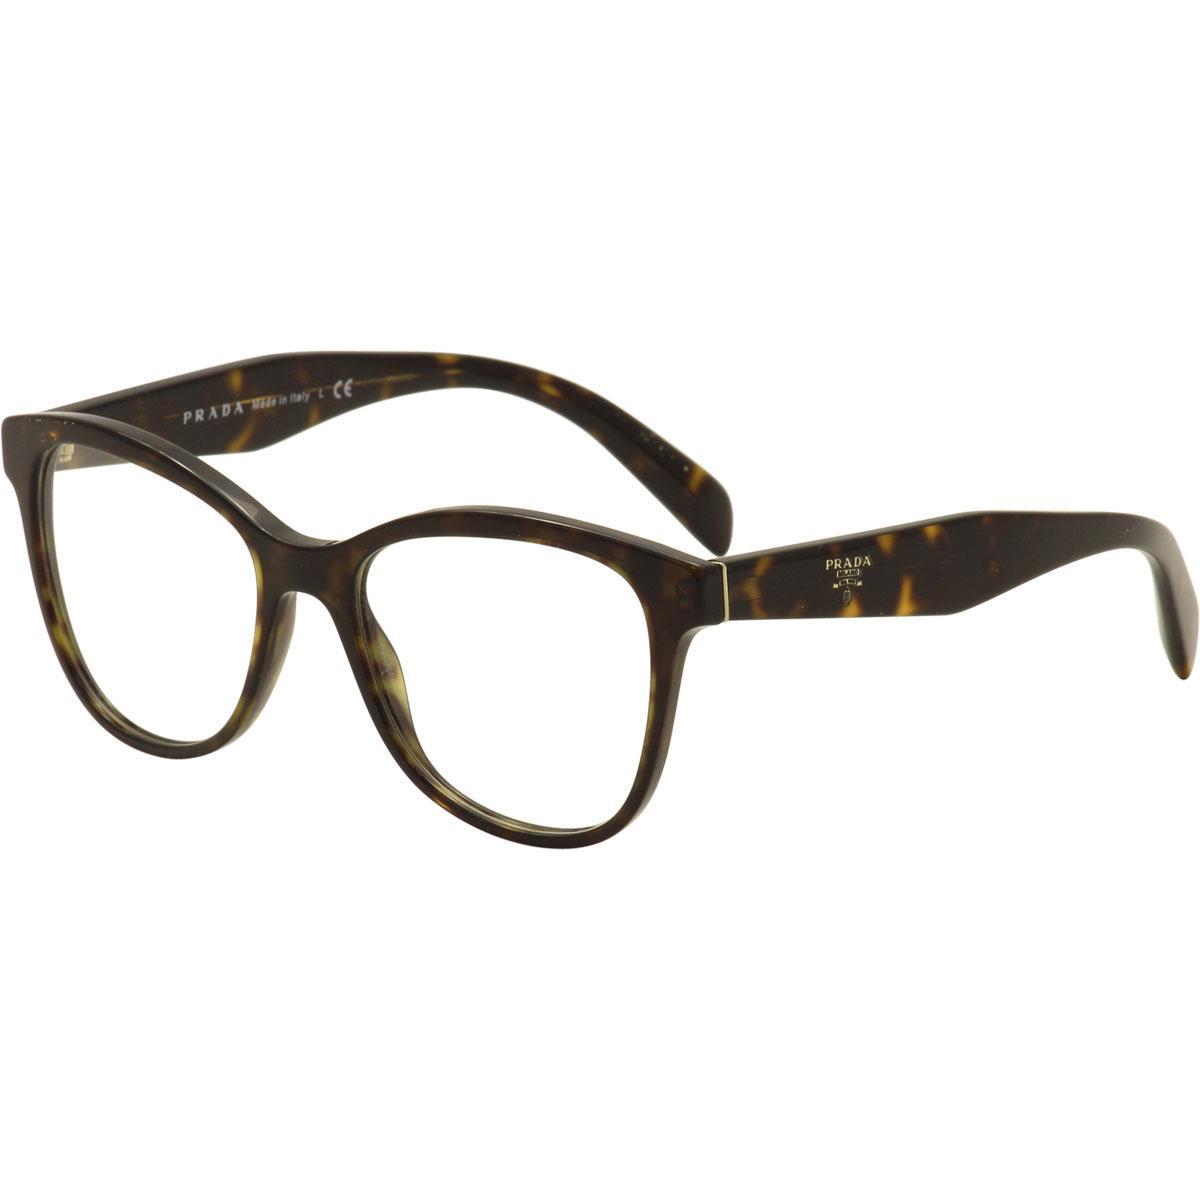 Prada Women\'s Eyeglasses VPR12T VPR/12T Full Rim Optical Frame